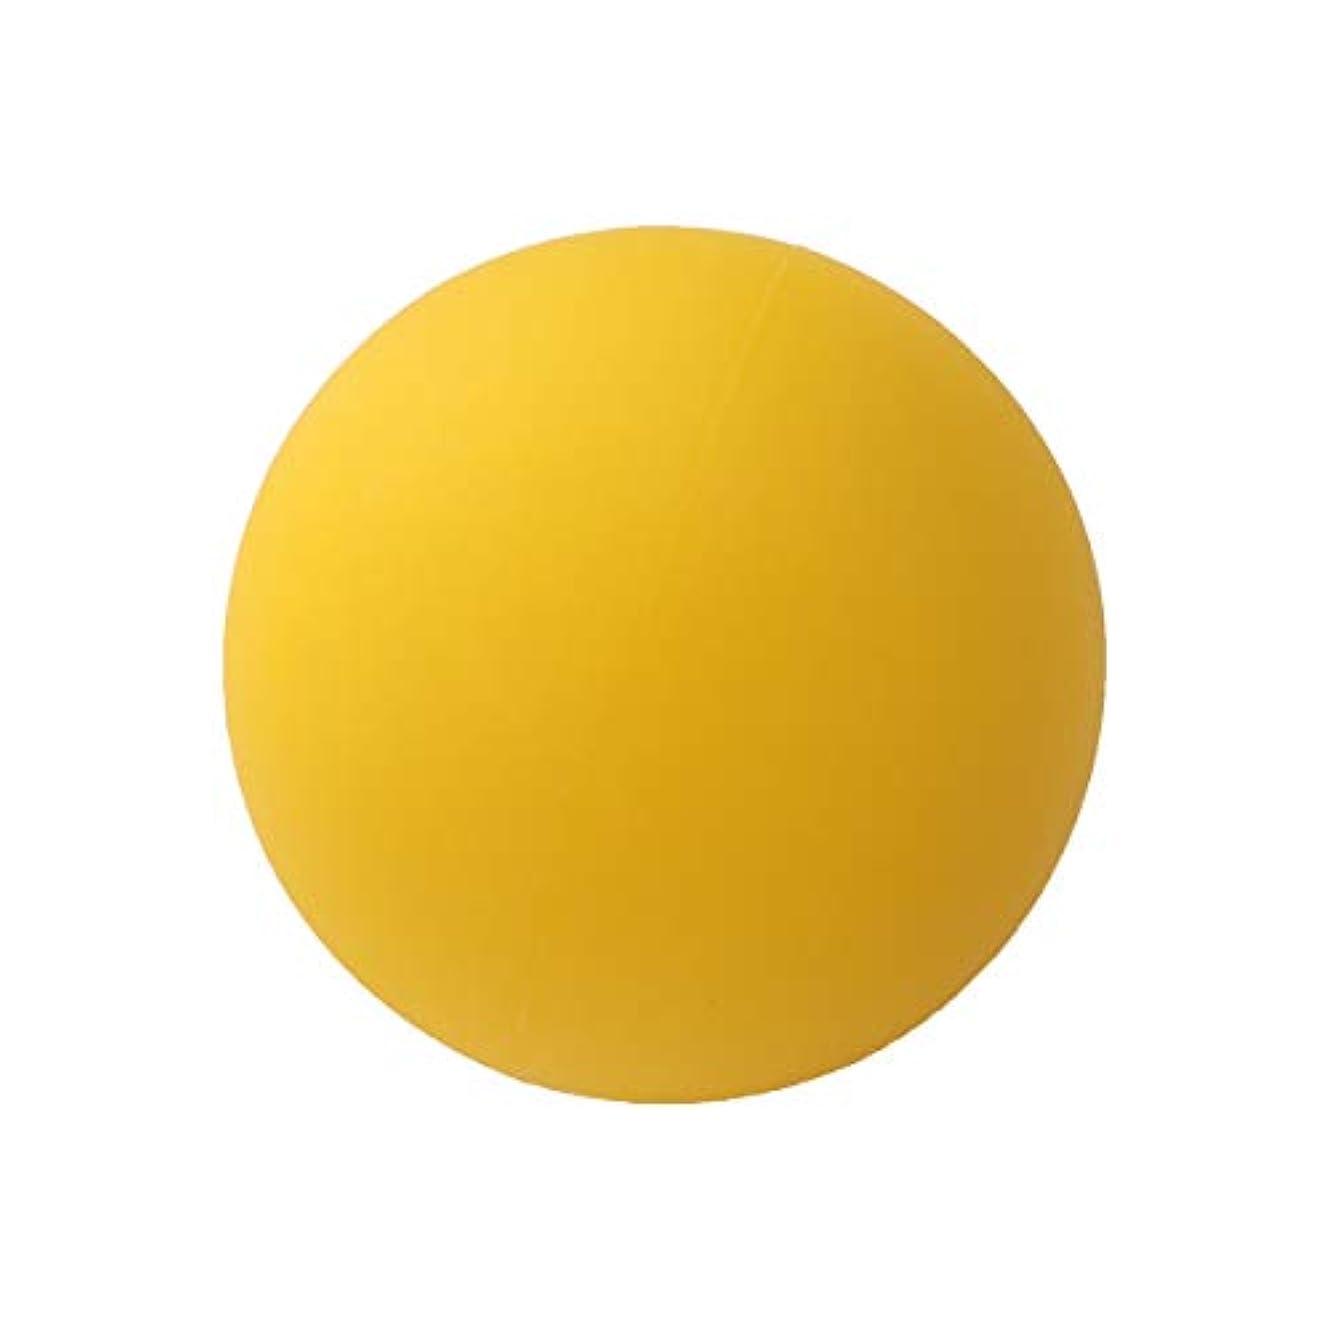 どうやってバスルーム漂流VORCOOL マッサージボール ヨガ ストレッチボール トリガーポイント 筋膜リリース トレーニング 背中 肩こり 腰 ふくらはぎ 足裏 ツボ押しグッズ 物理 マッサージ 療法ボール